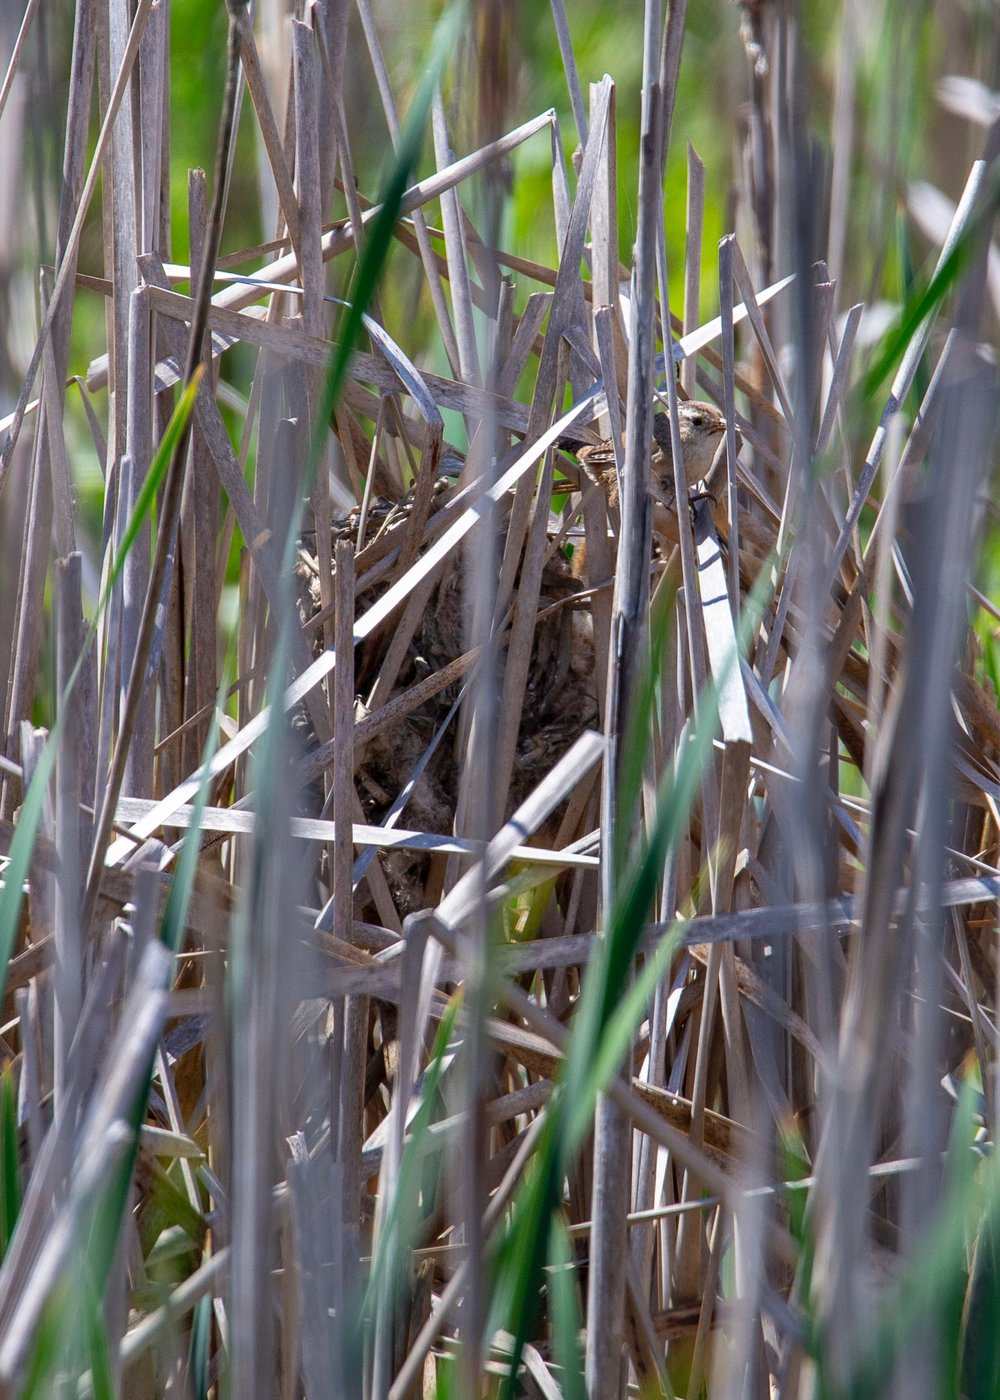 The little marsh wren and his nest.